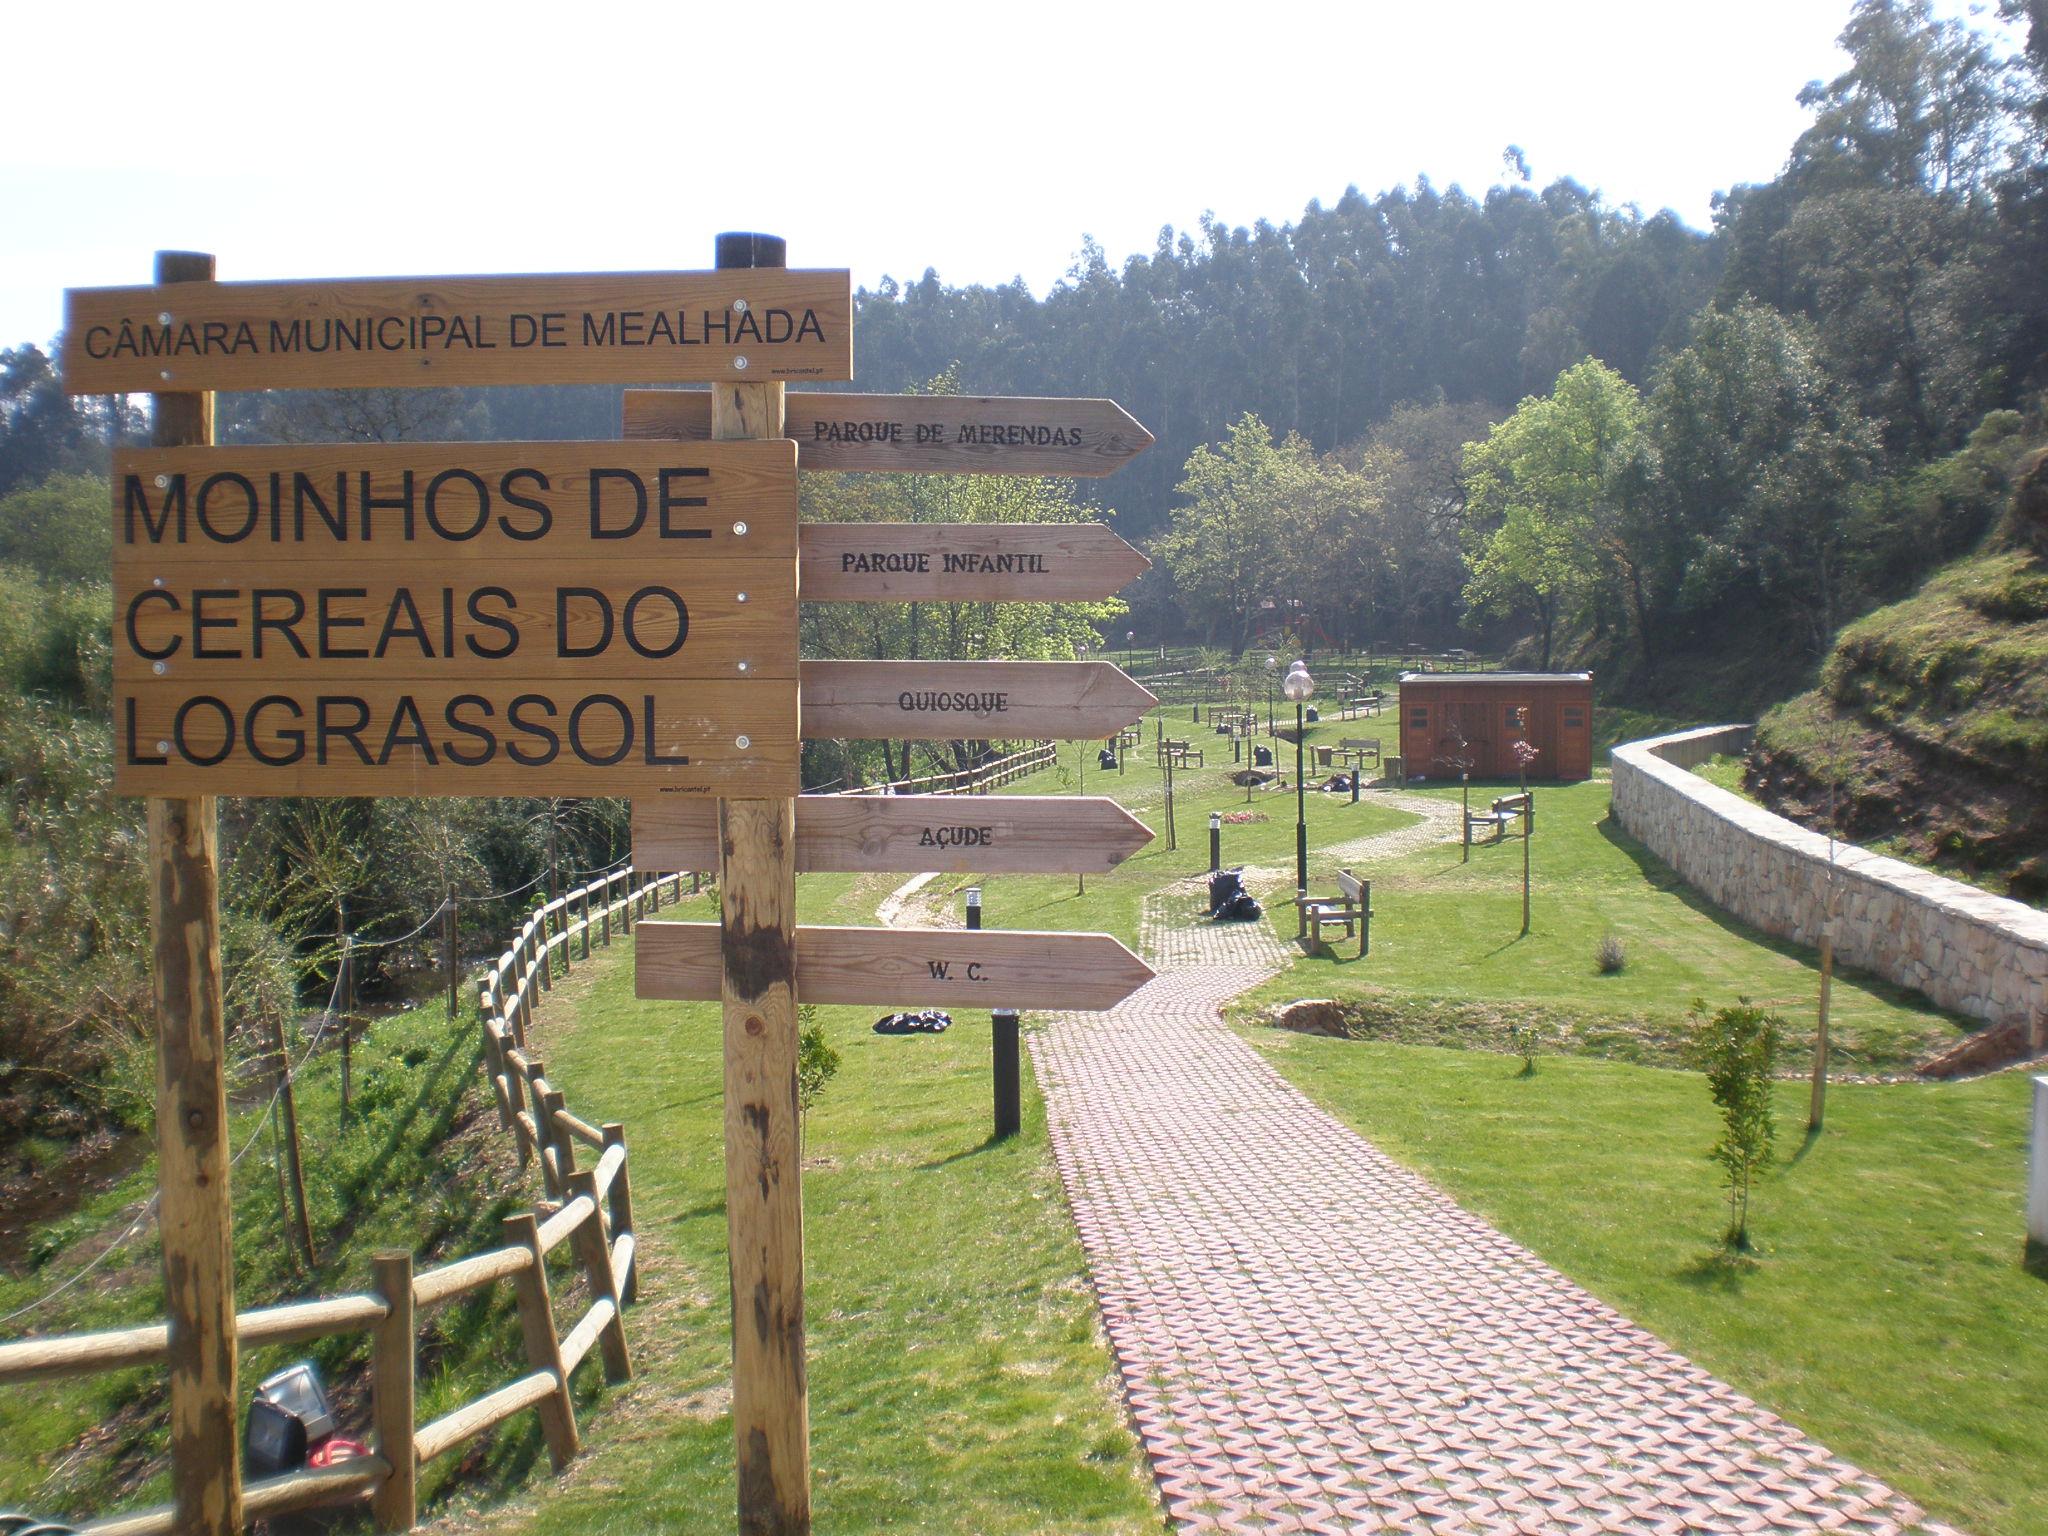 Parque dos Moinhos de Lograssol